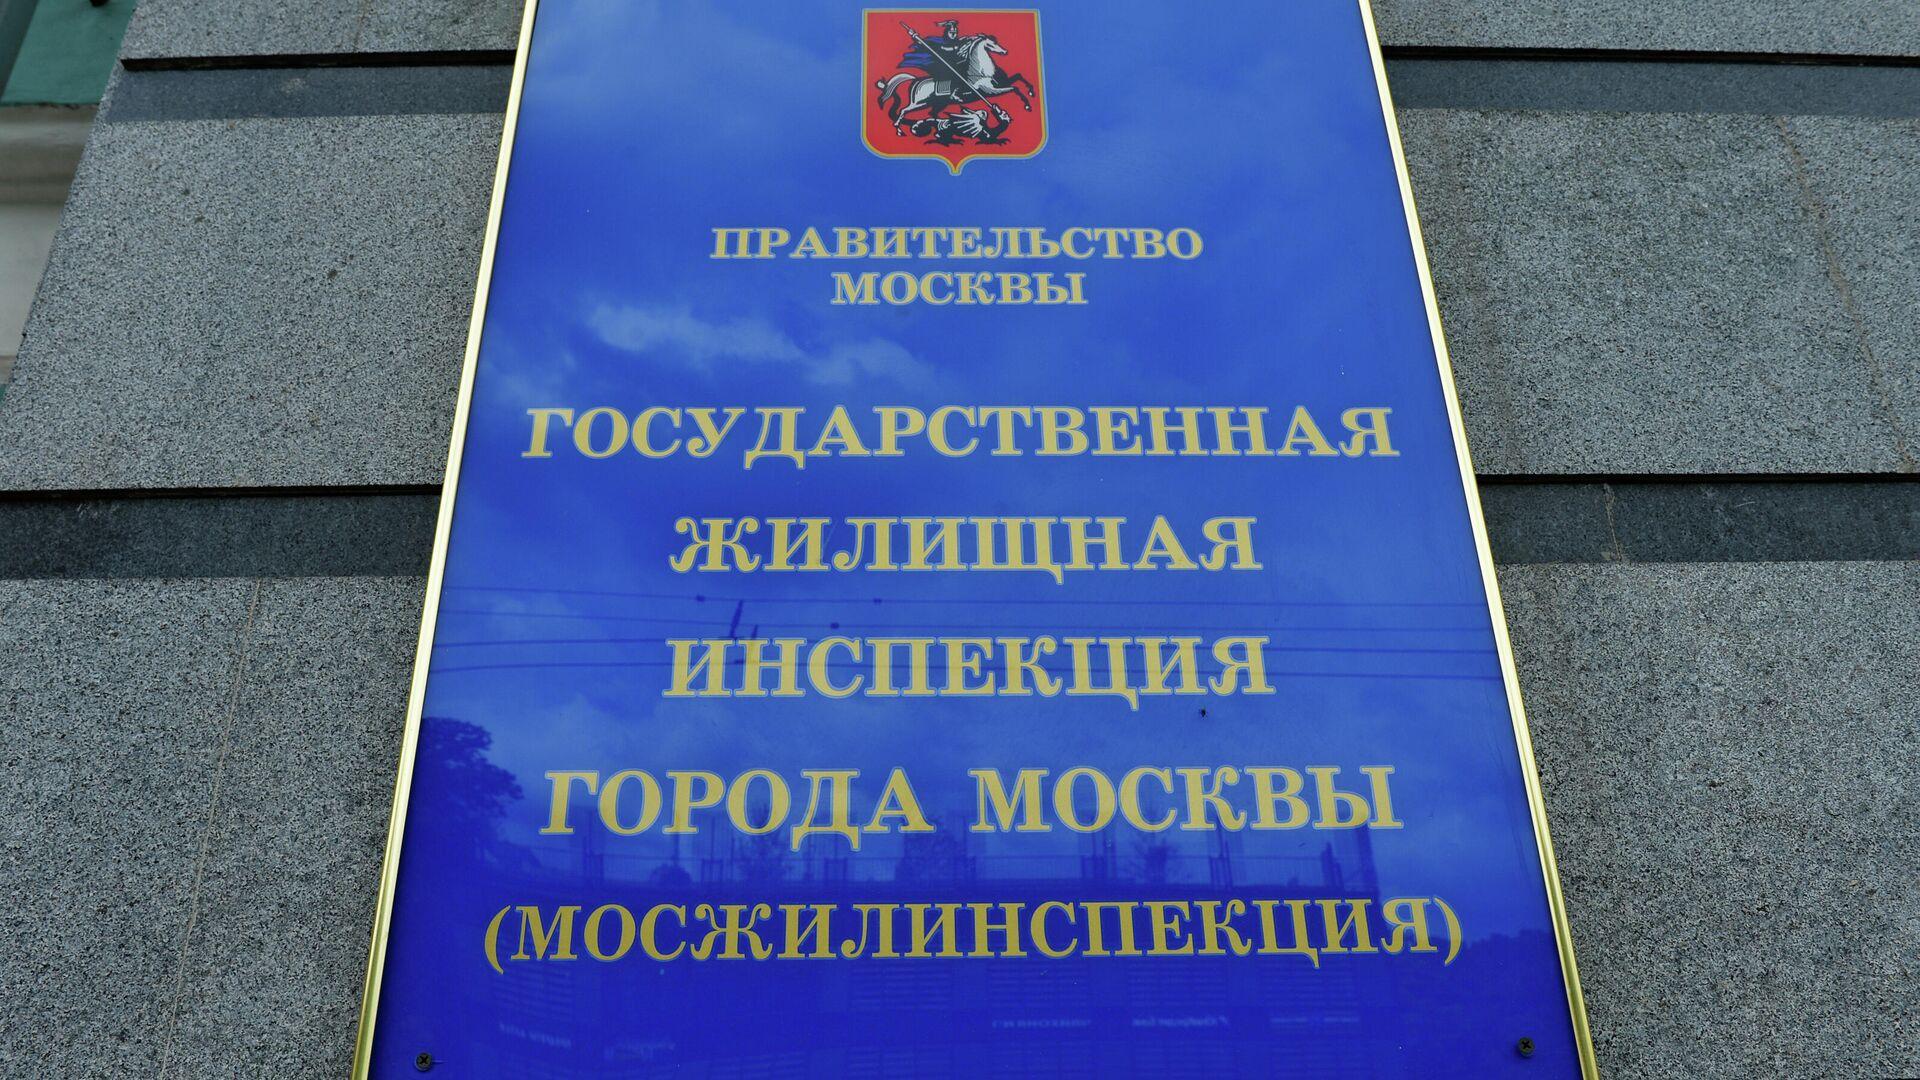 Мосжилинспекция - РИА Новости, 1920, 13.10.2021